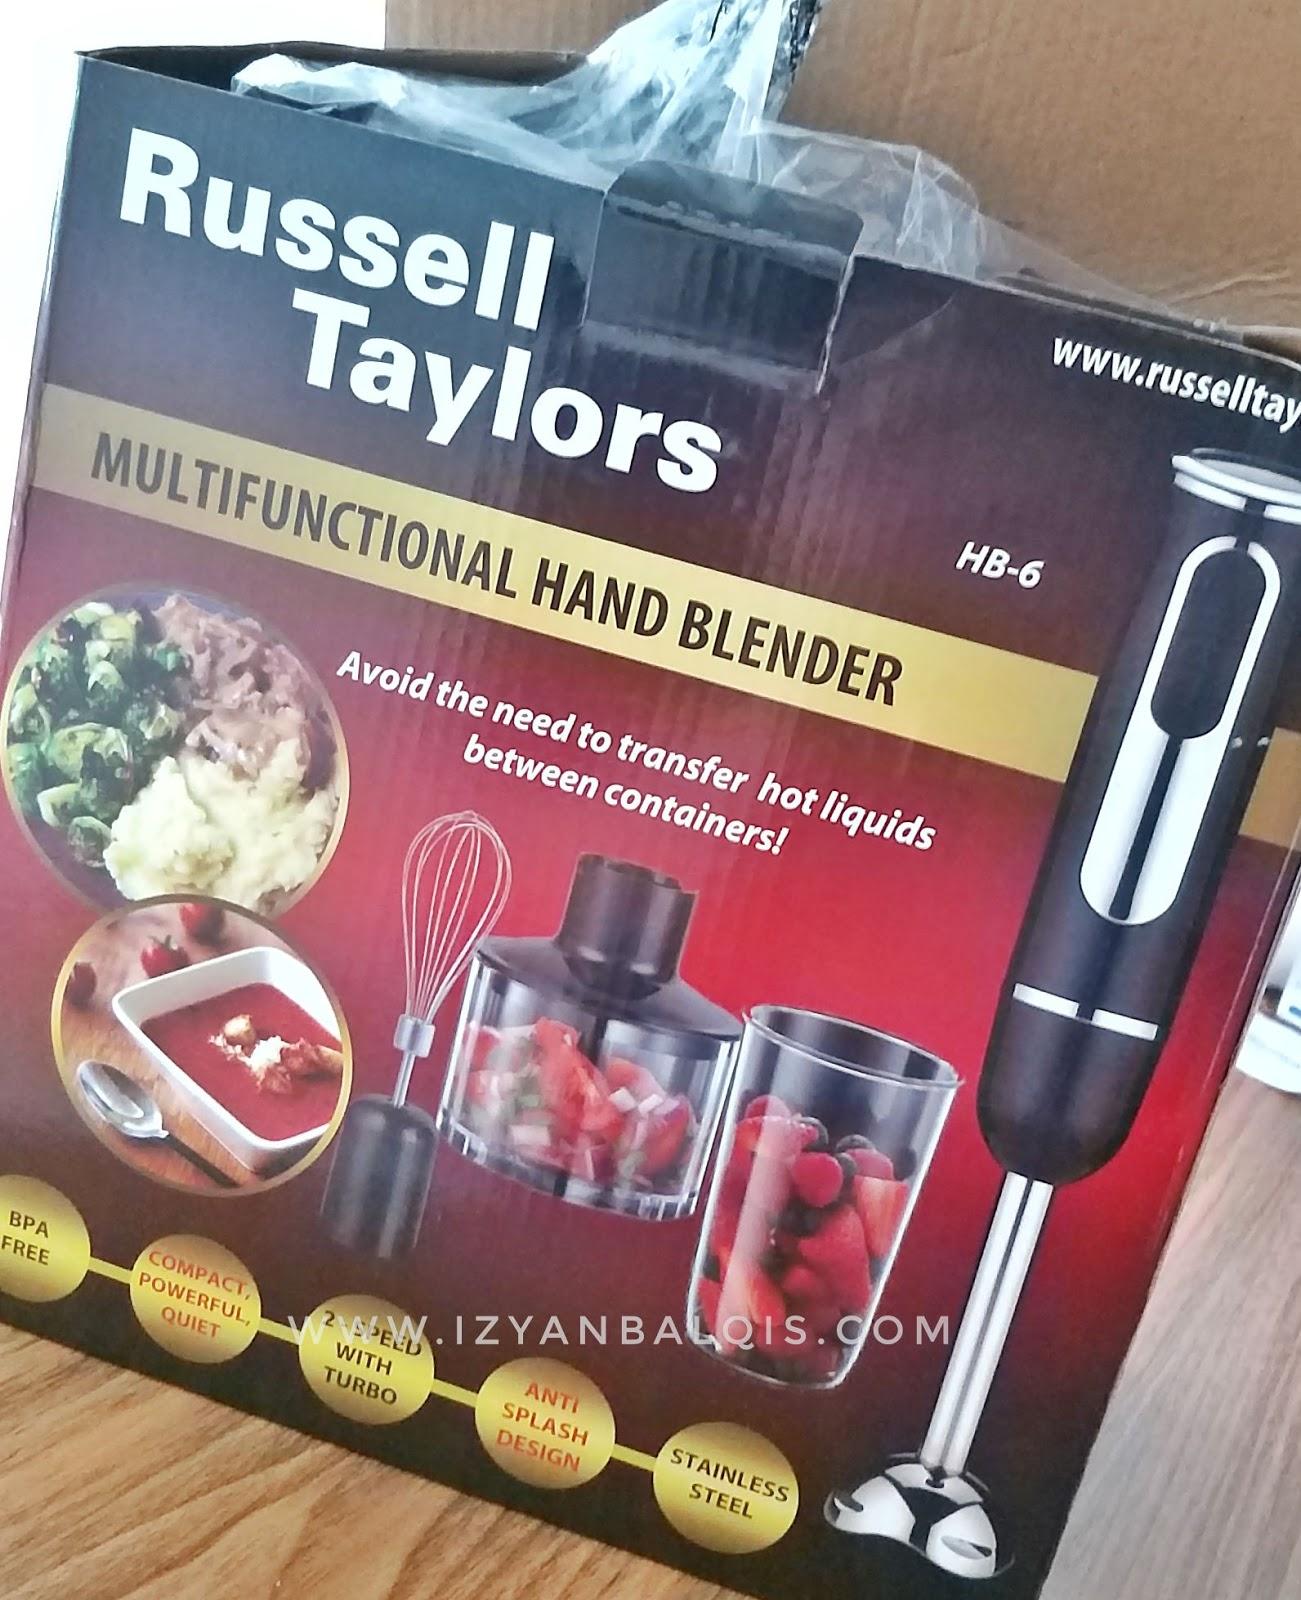 Tambah Gajet Di Dapur, Baru Semangat Nak Masak!